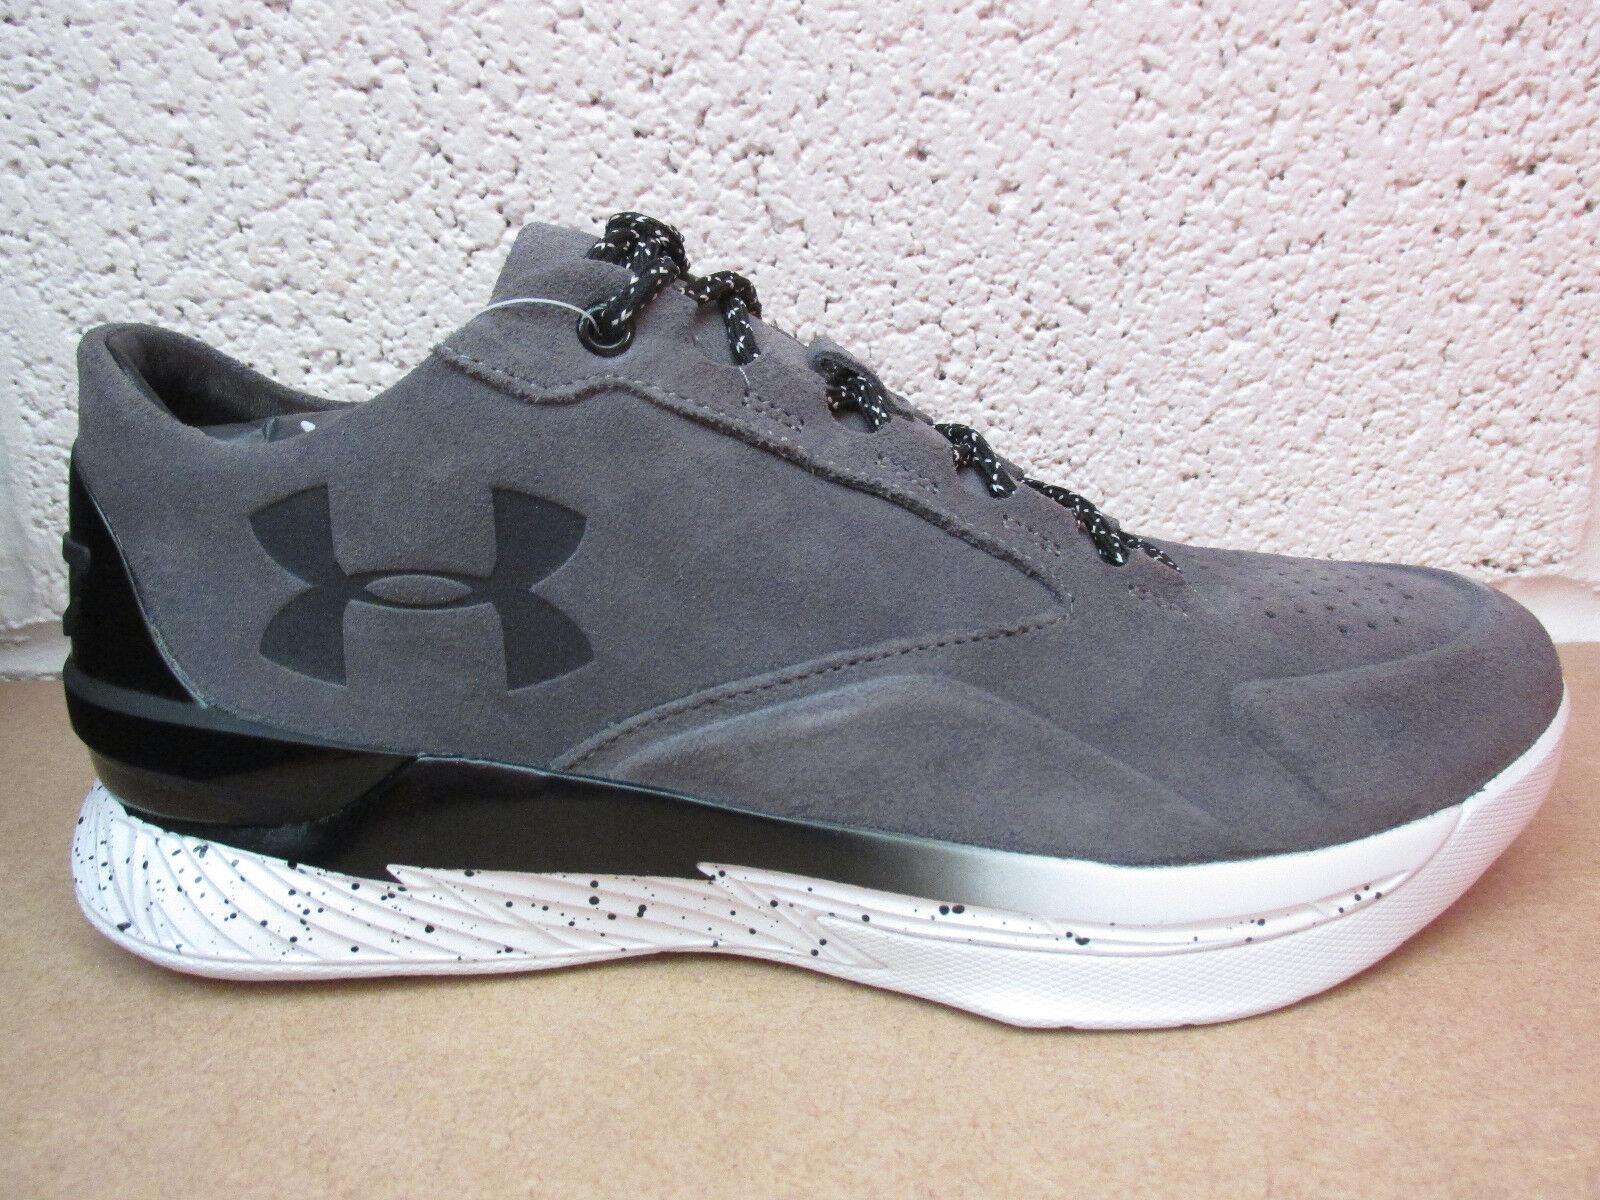 Under Armour UA Curry 1 Lux Niedrig SDE Basketball Basketball Basketball Trainers 1296619 040 Sneakers 207fe2